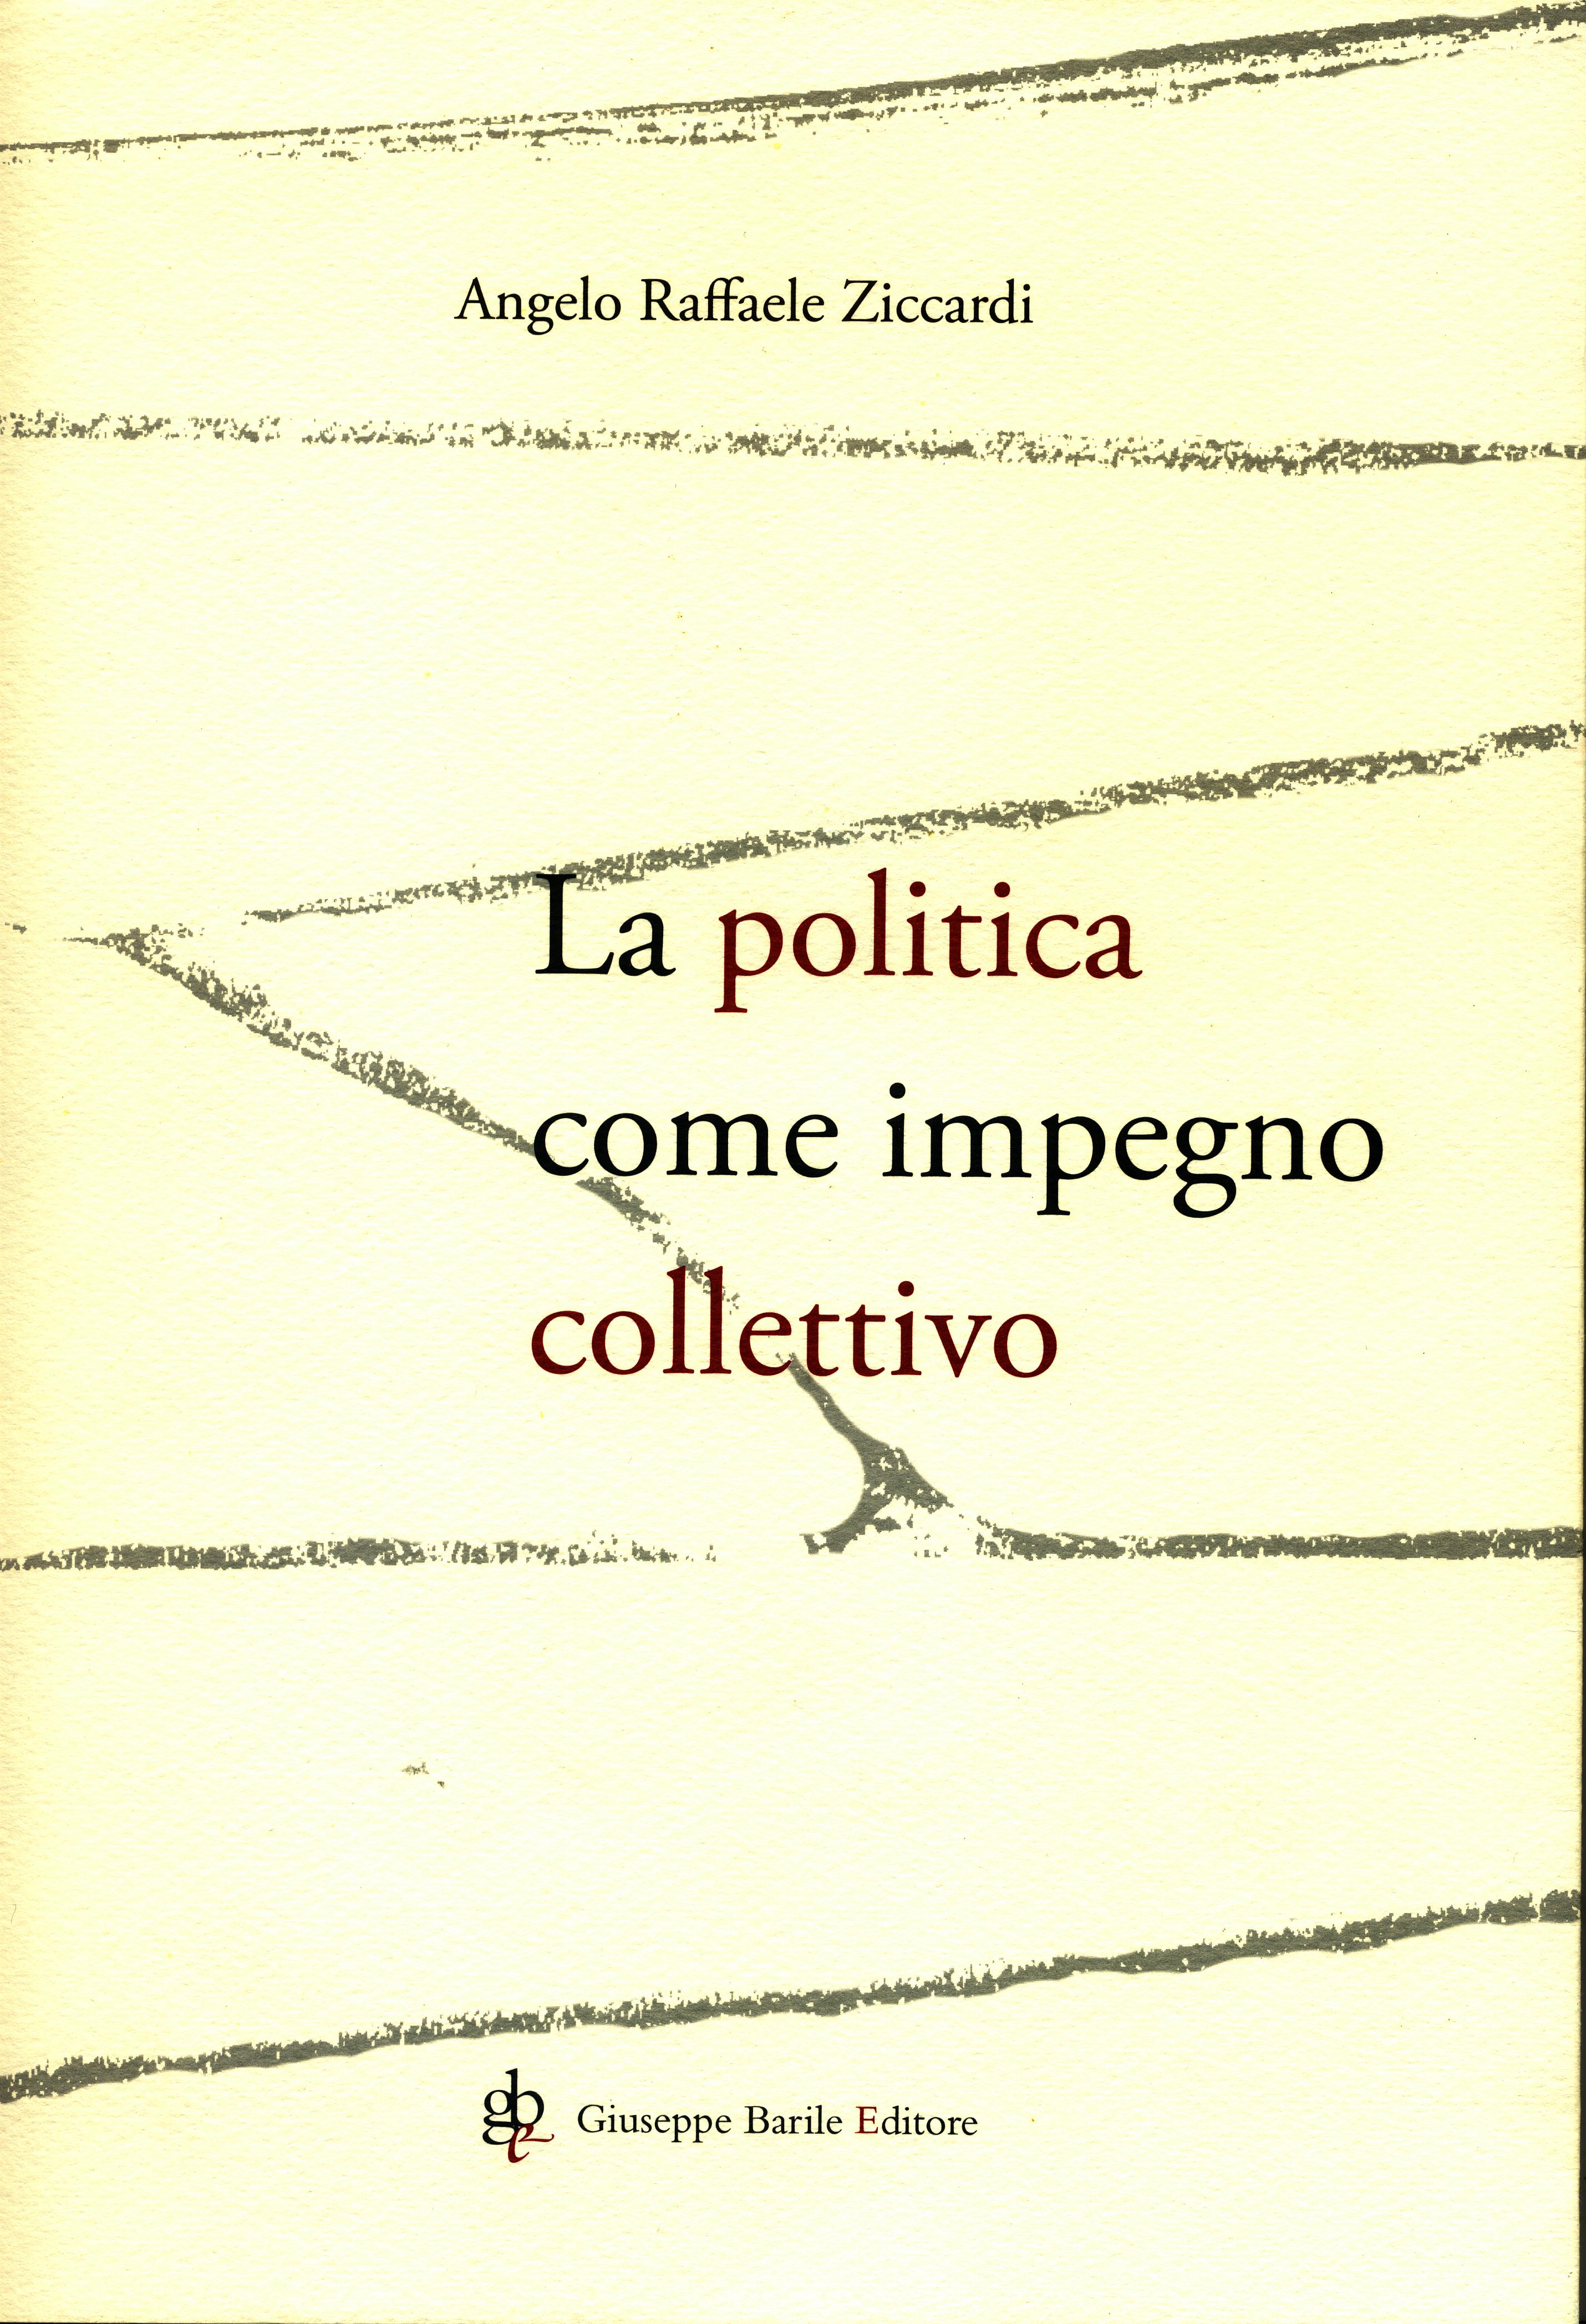 La politica come impegno collettivo